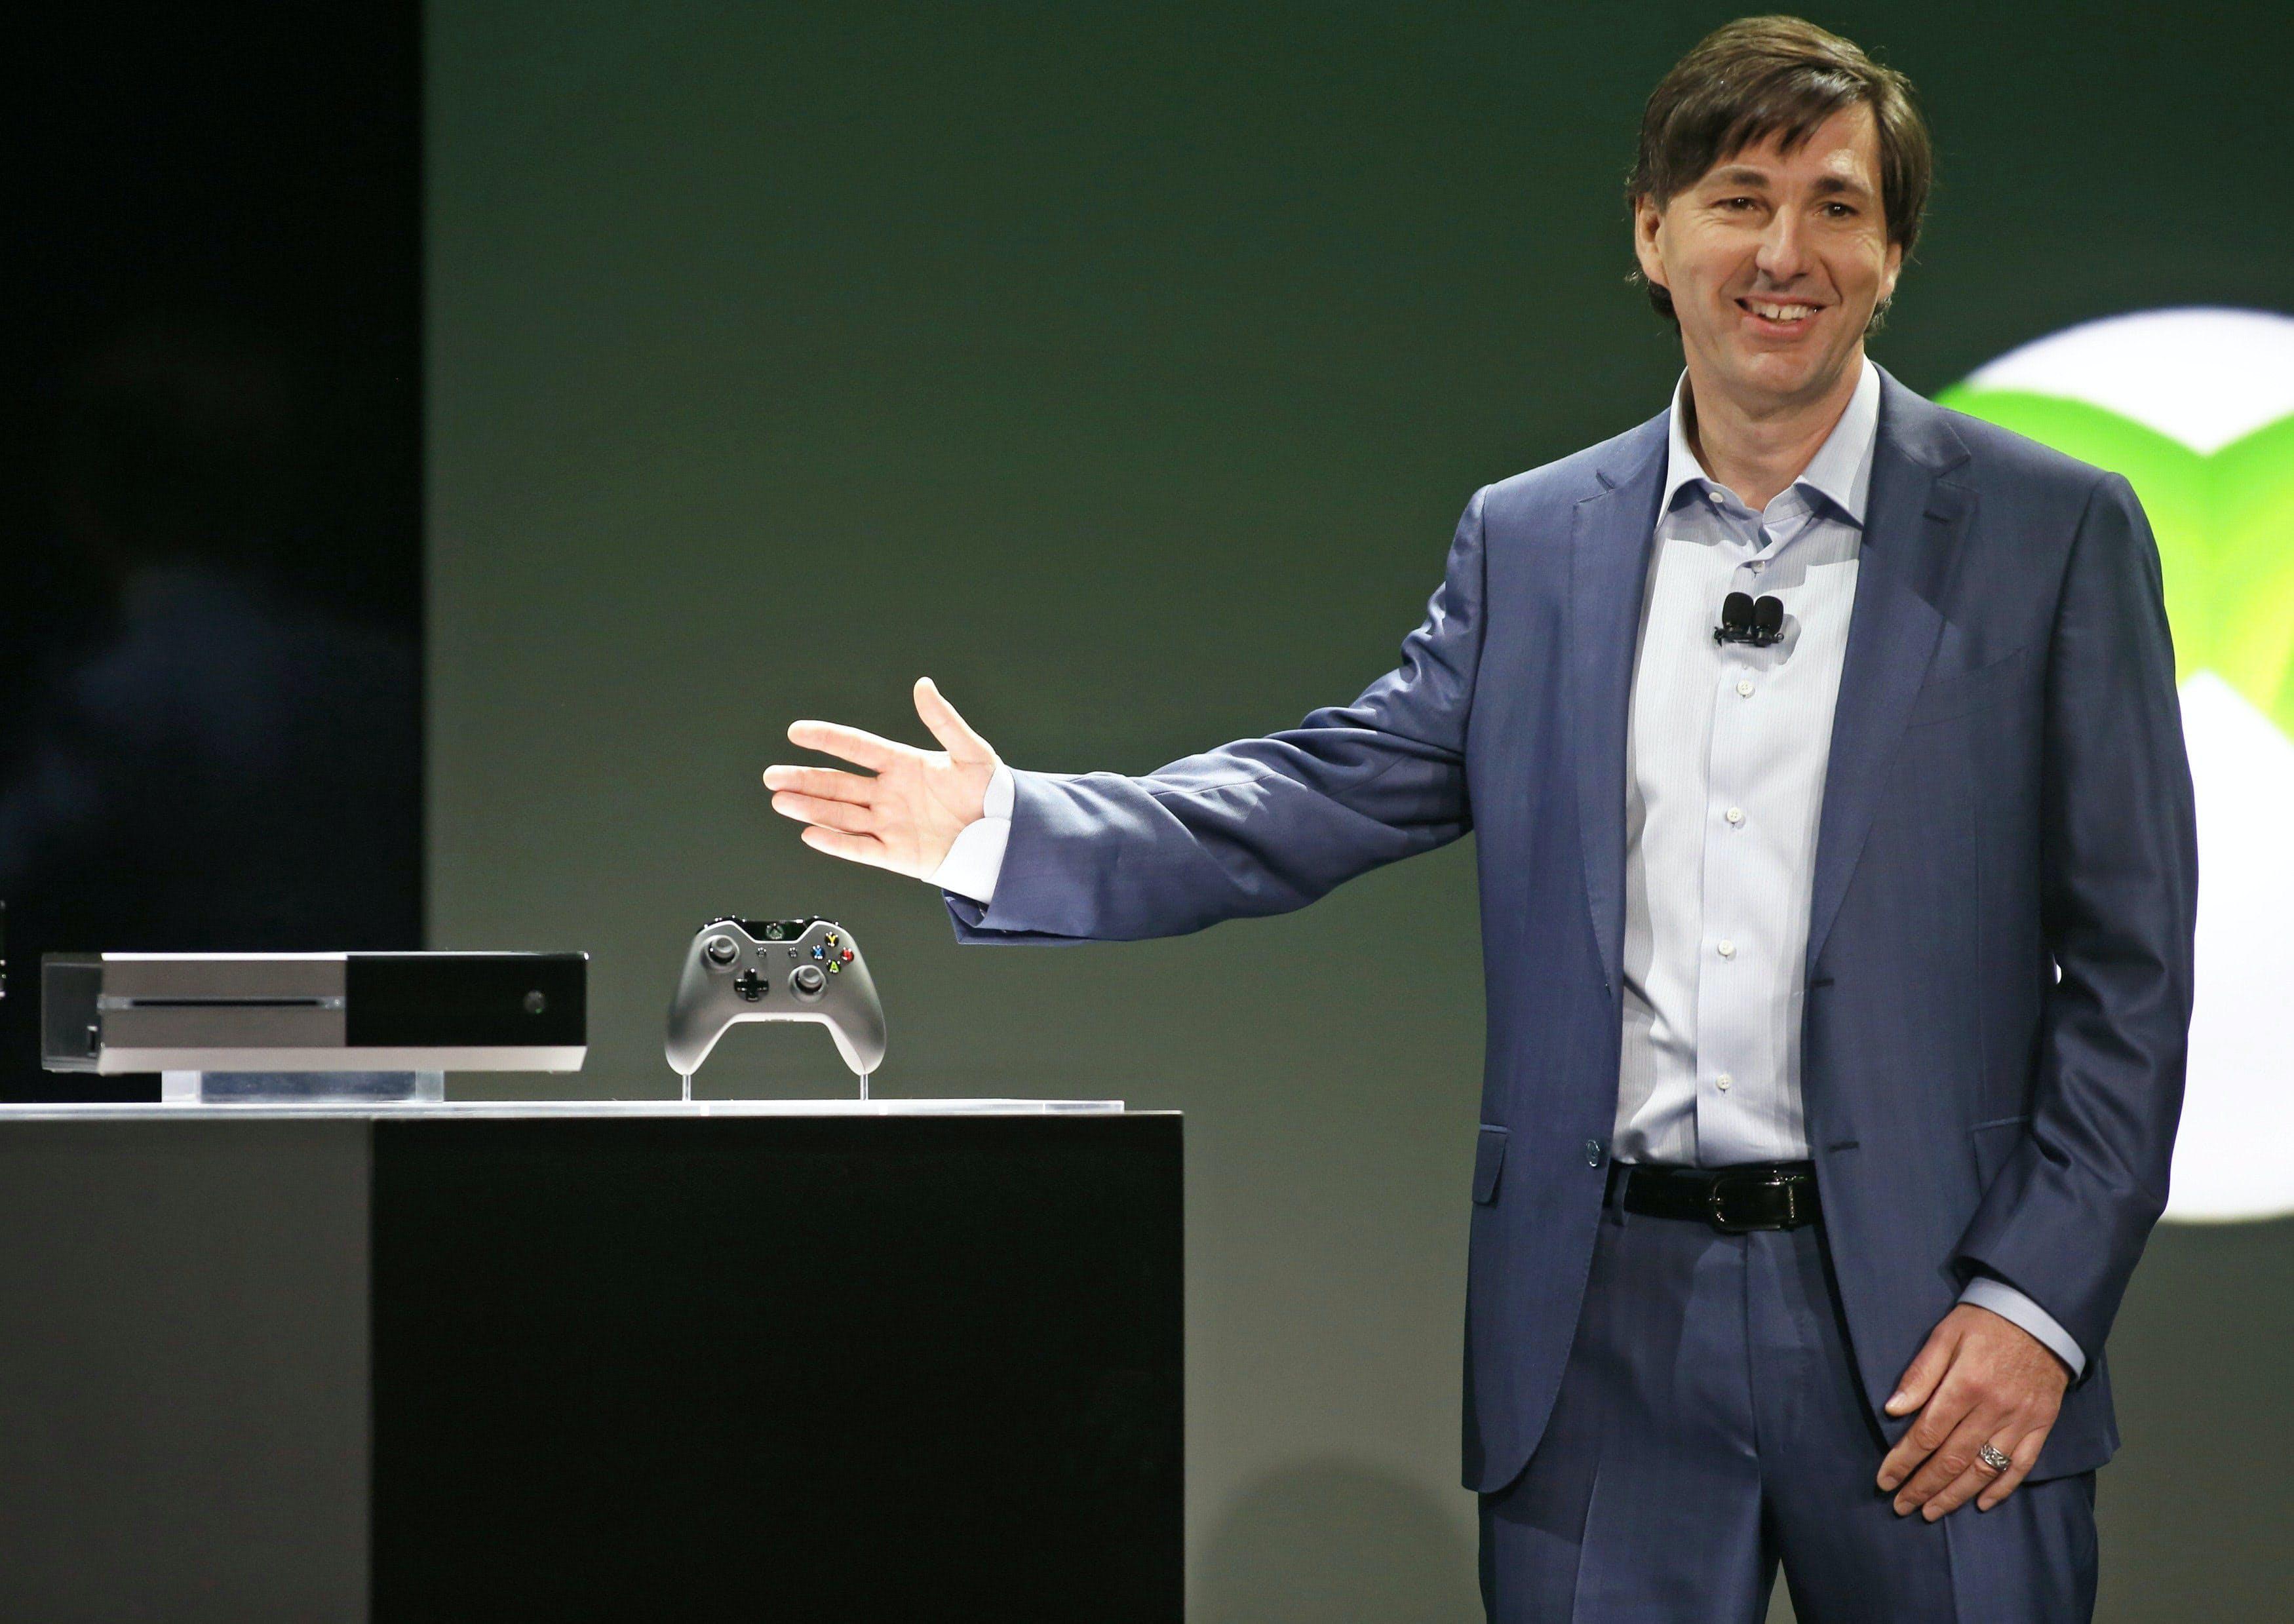 21日、新型家庭用ゲーム機「XboxOne」を発表するマトリック氏(米ワシントン州レドモンド)=共同